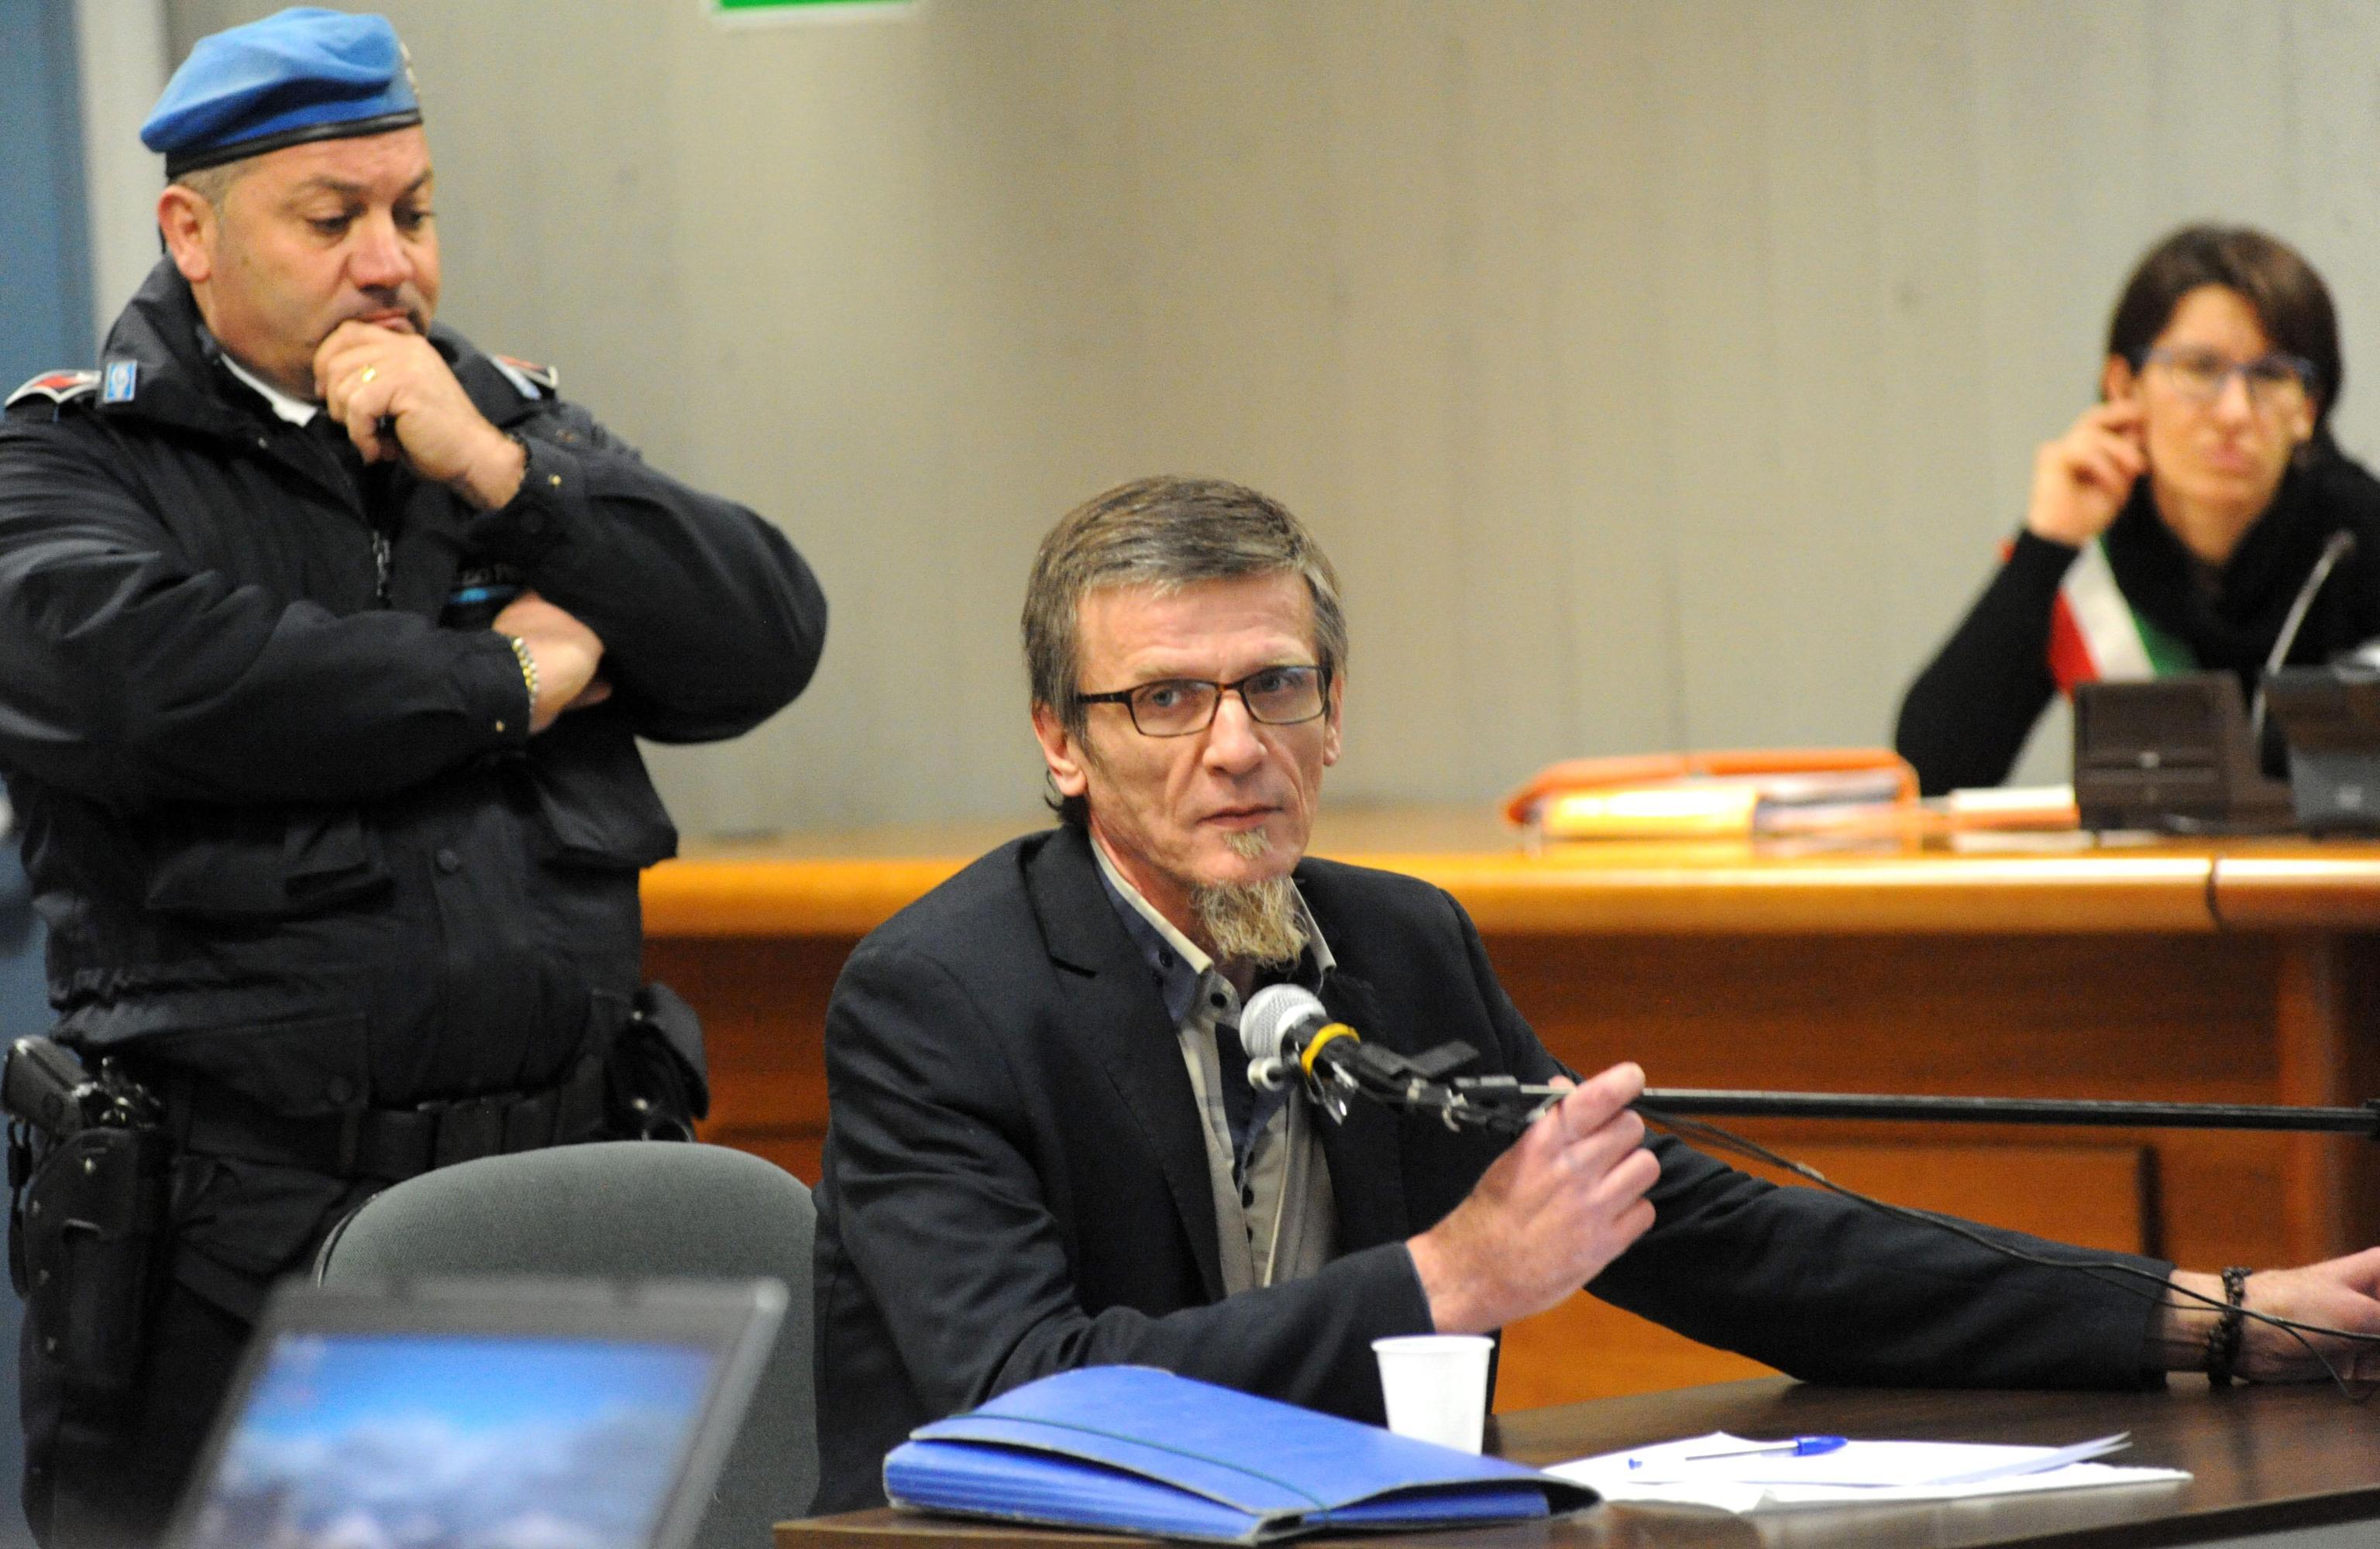 Stefano binda ergastolo per omicidio Lidia Macchi